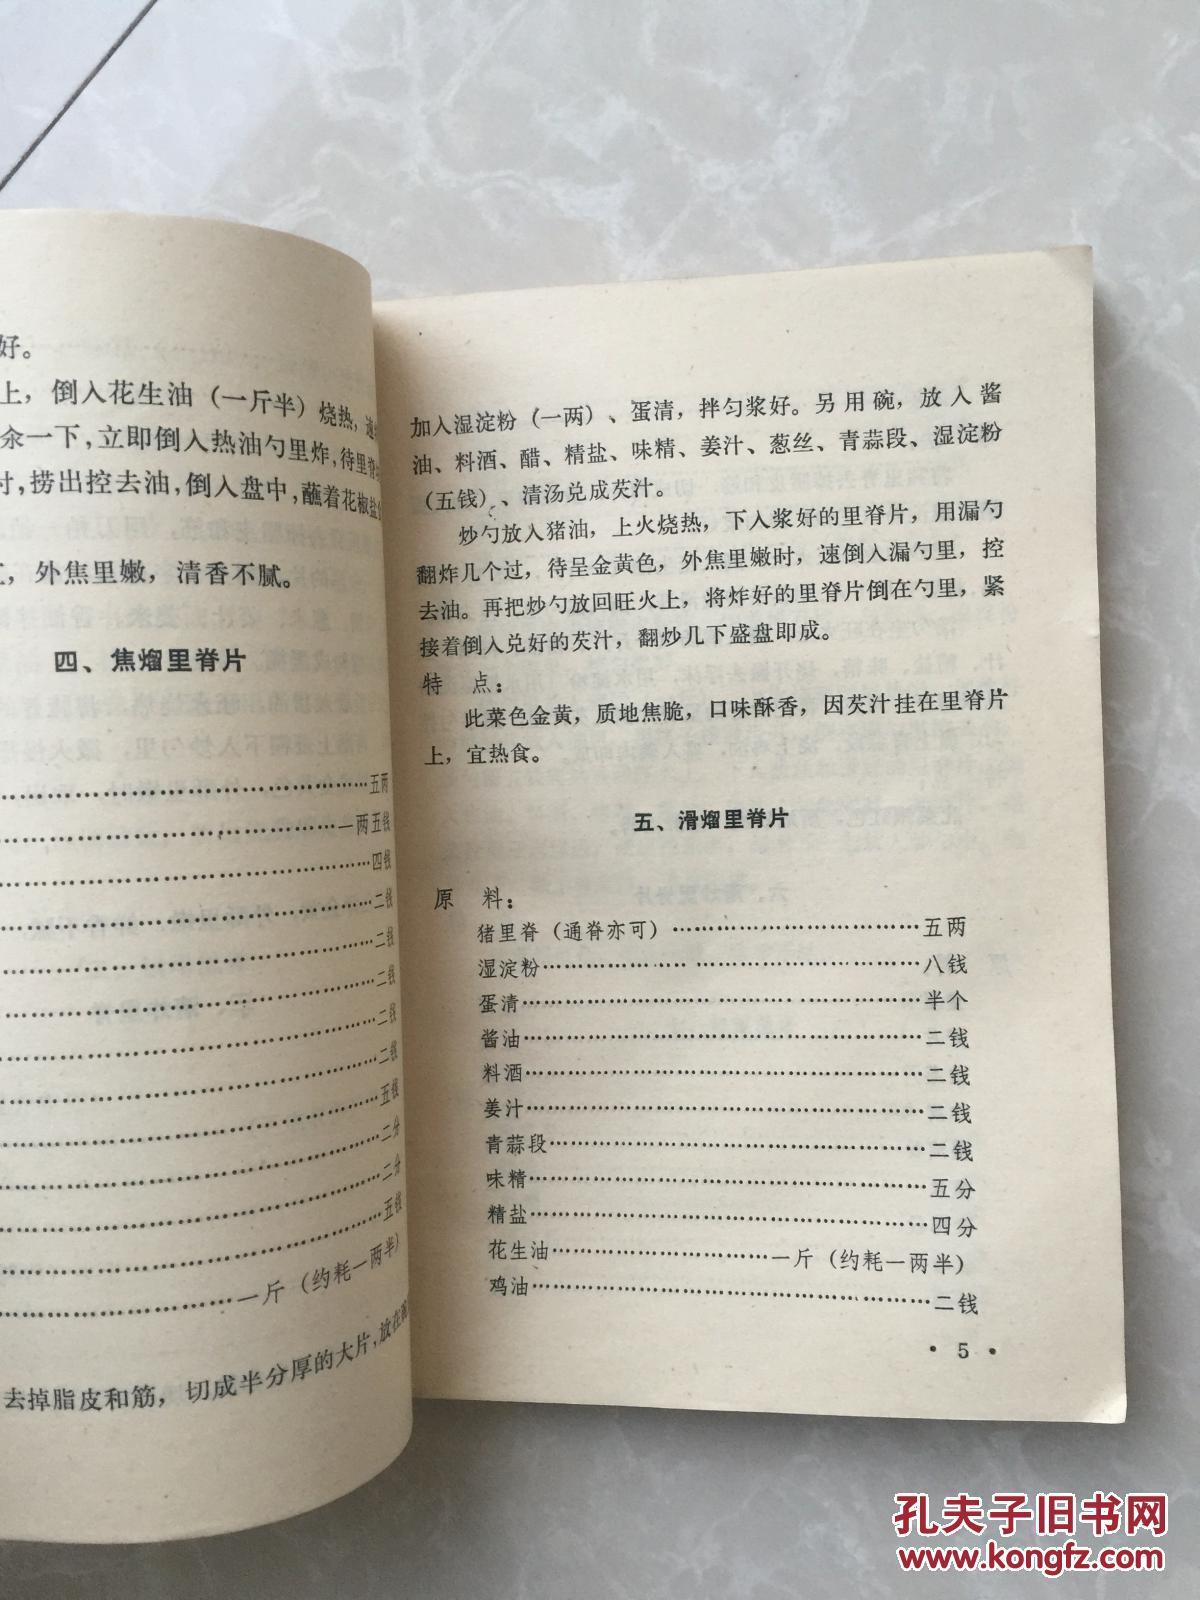 【图】丰泽园饭庄河粉_中国旅游出版社_孔夫炒指数升糖菜谱图片